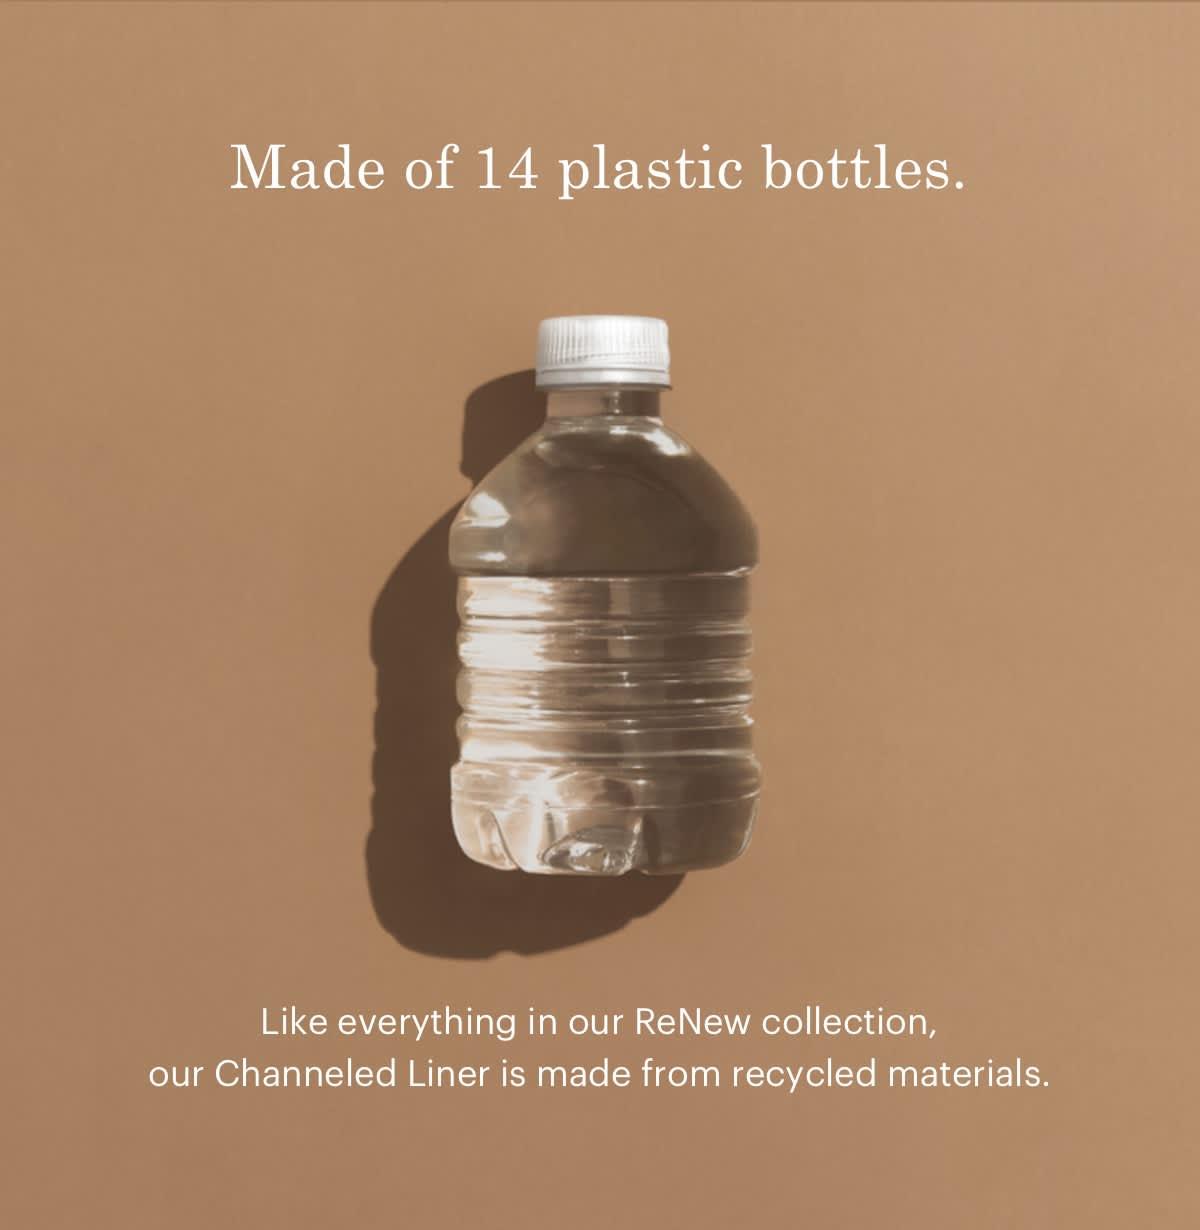 Made of 14 plastic bottles.